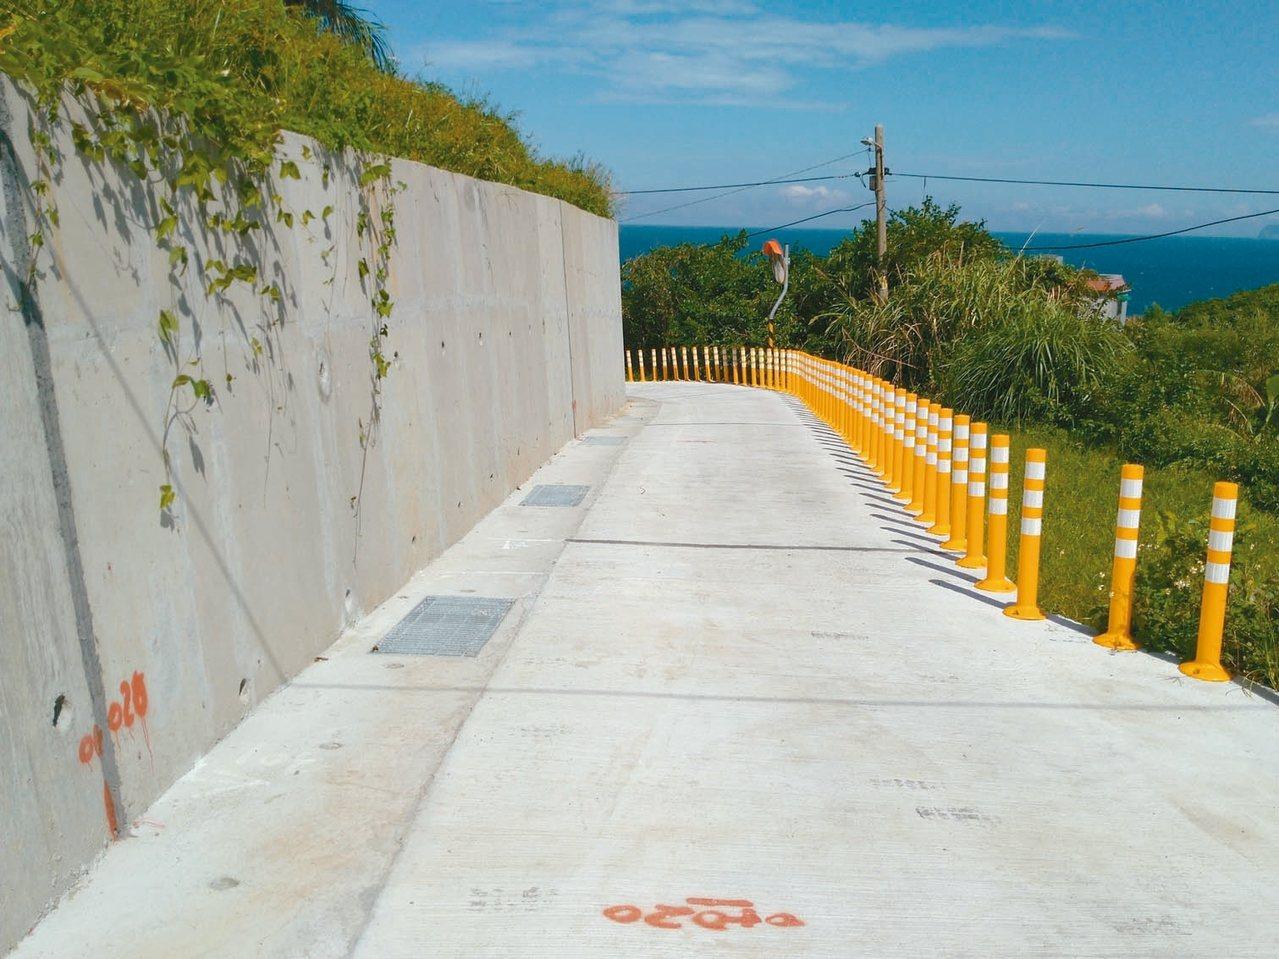 金山區跳石聯絡道施作完成,道路寬達2.5公尺,居民出入方便。 圖/金山區公所提供